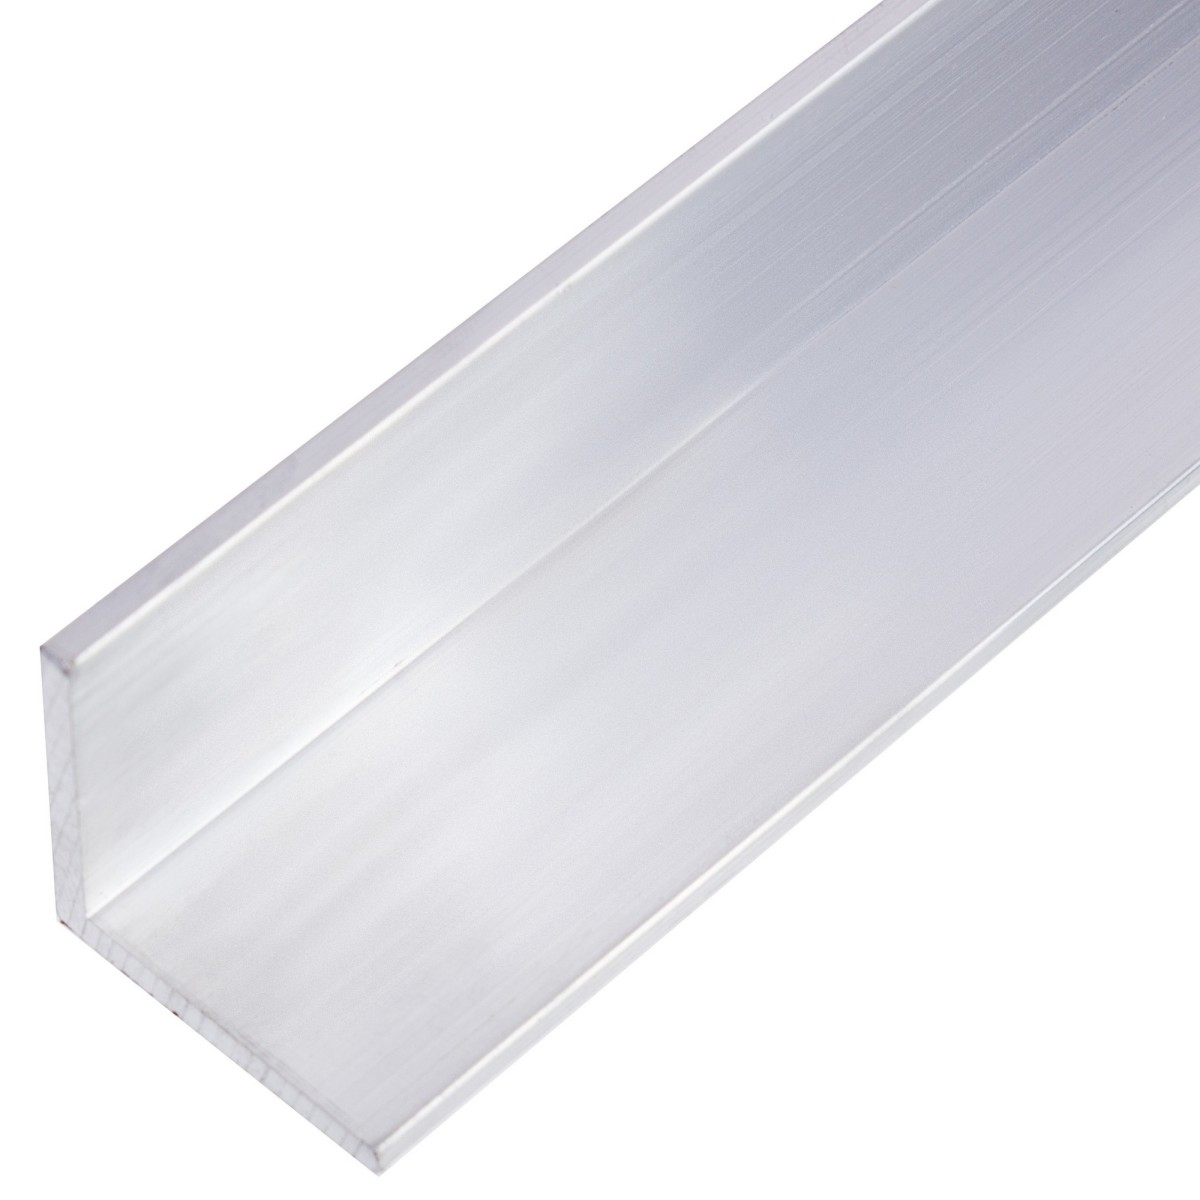 алюминиевый лист купить в леруа мерлен